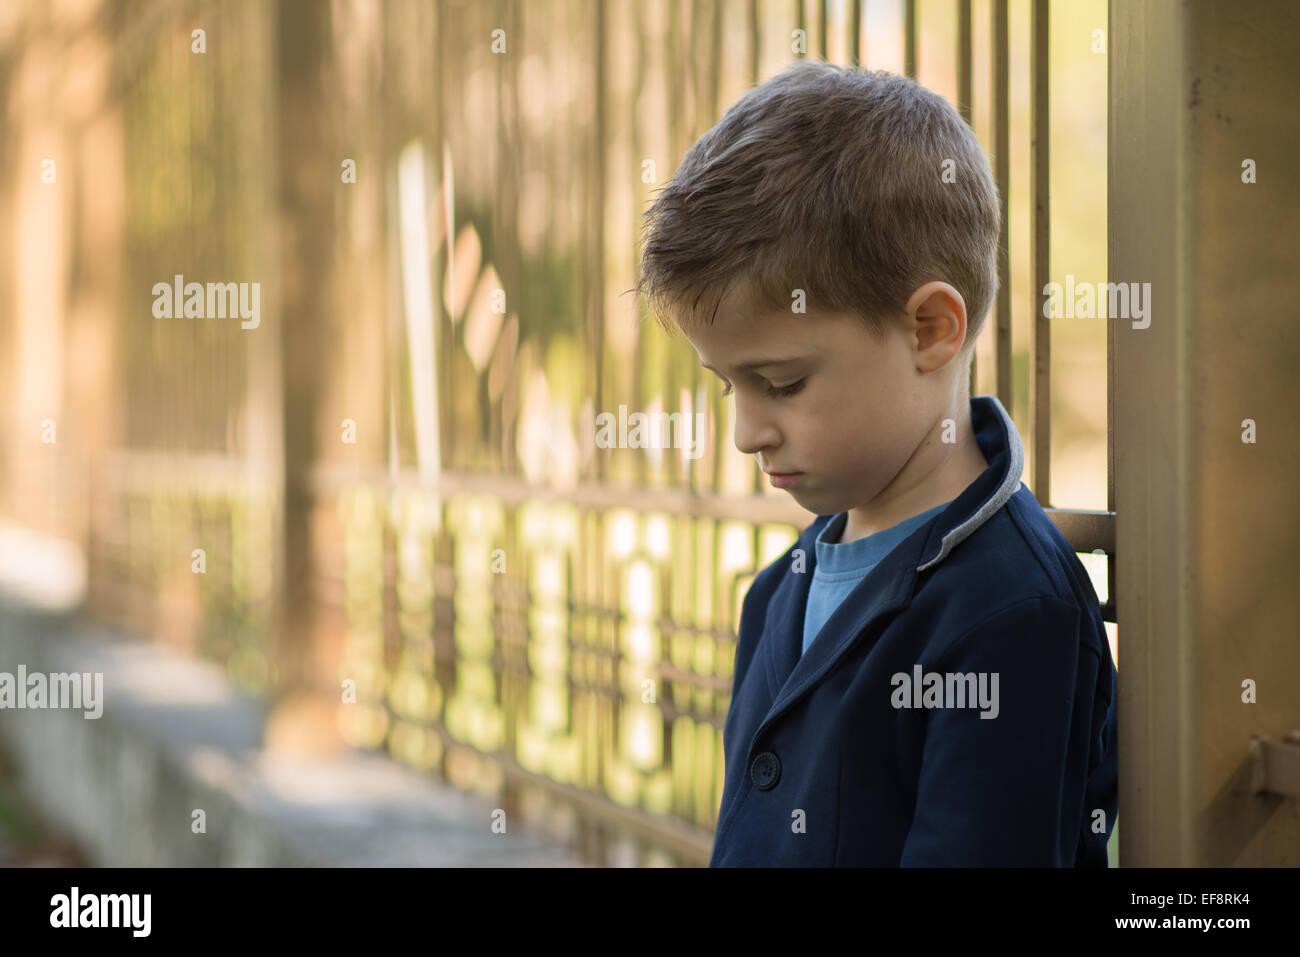 Ritratto di un ragazzo triste appoggiata contro il metallo ringhiere Immagini Stock